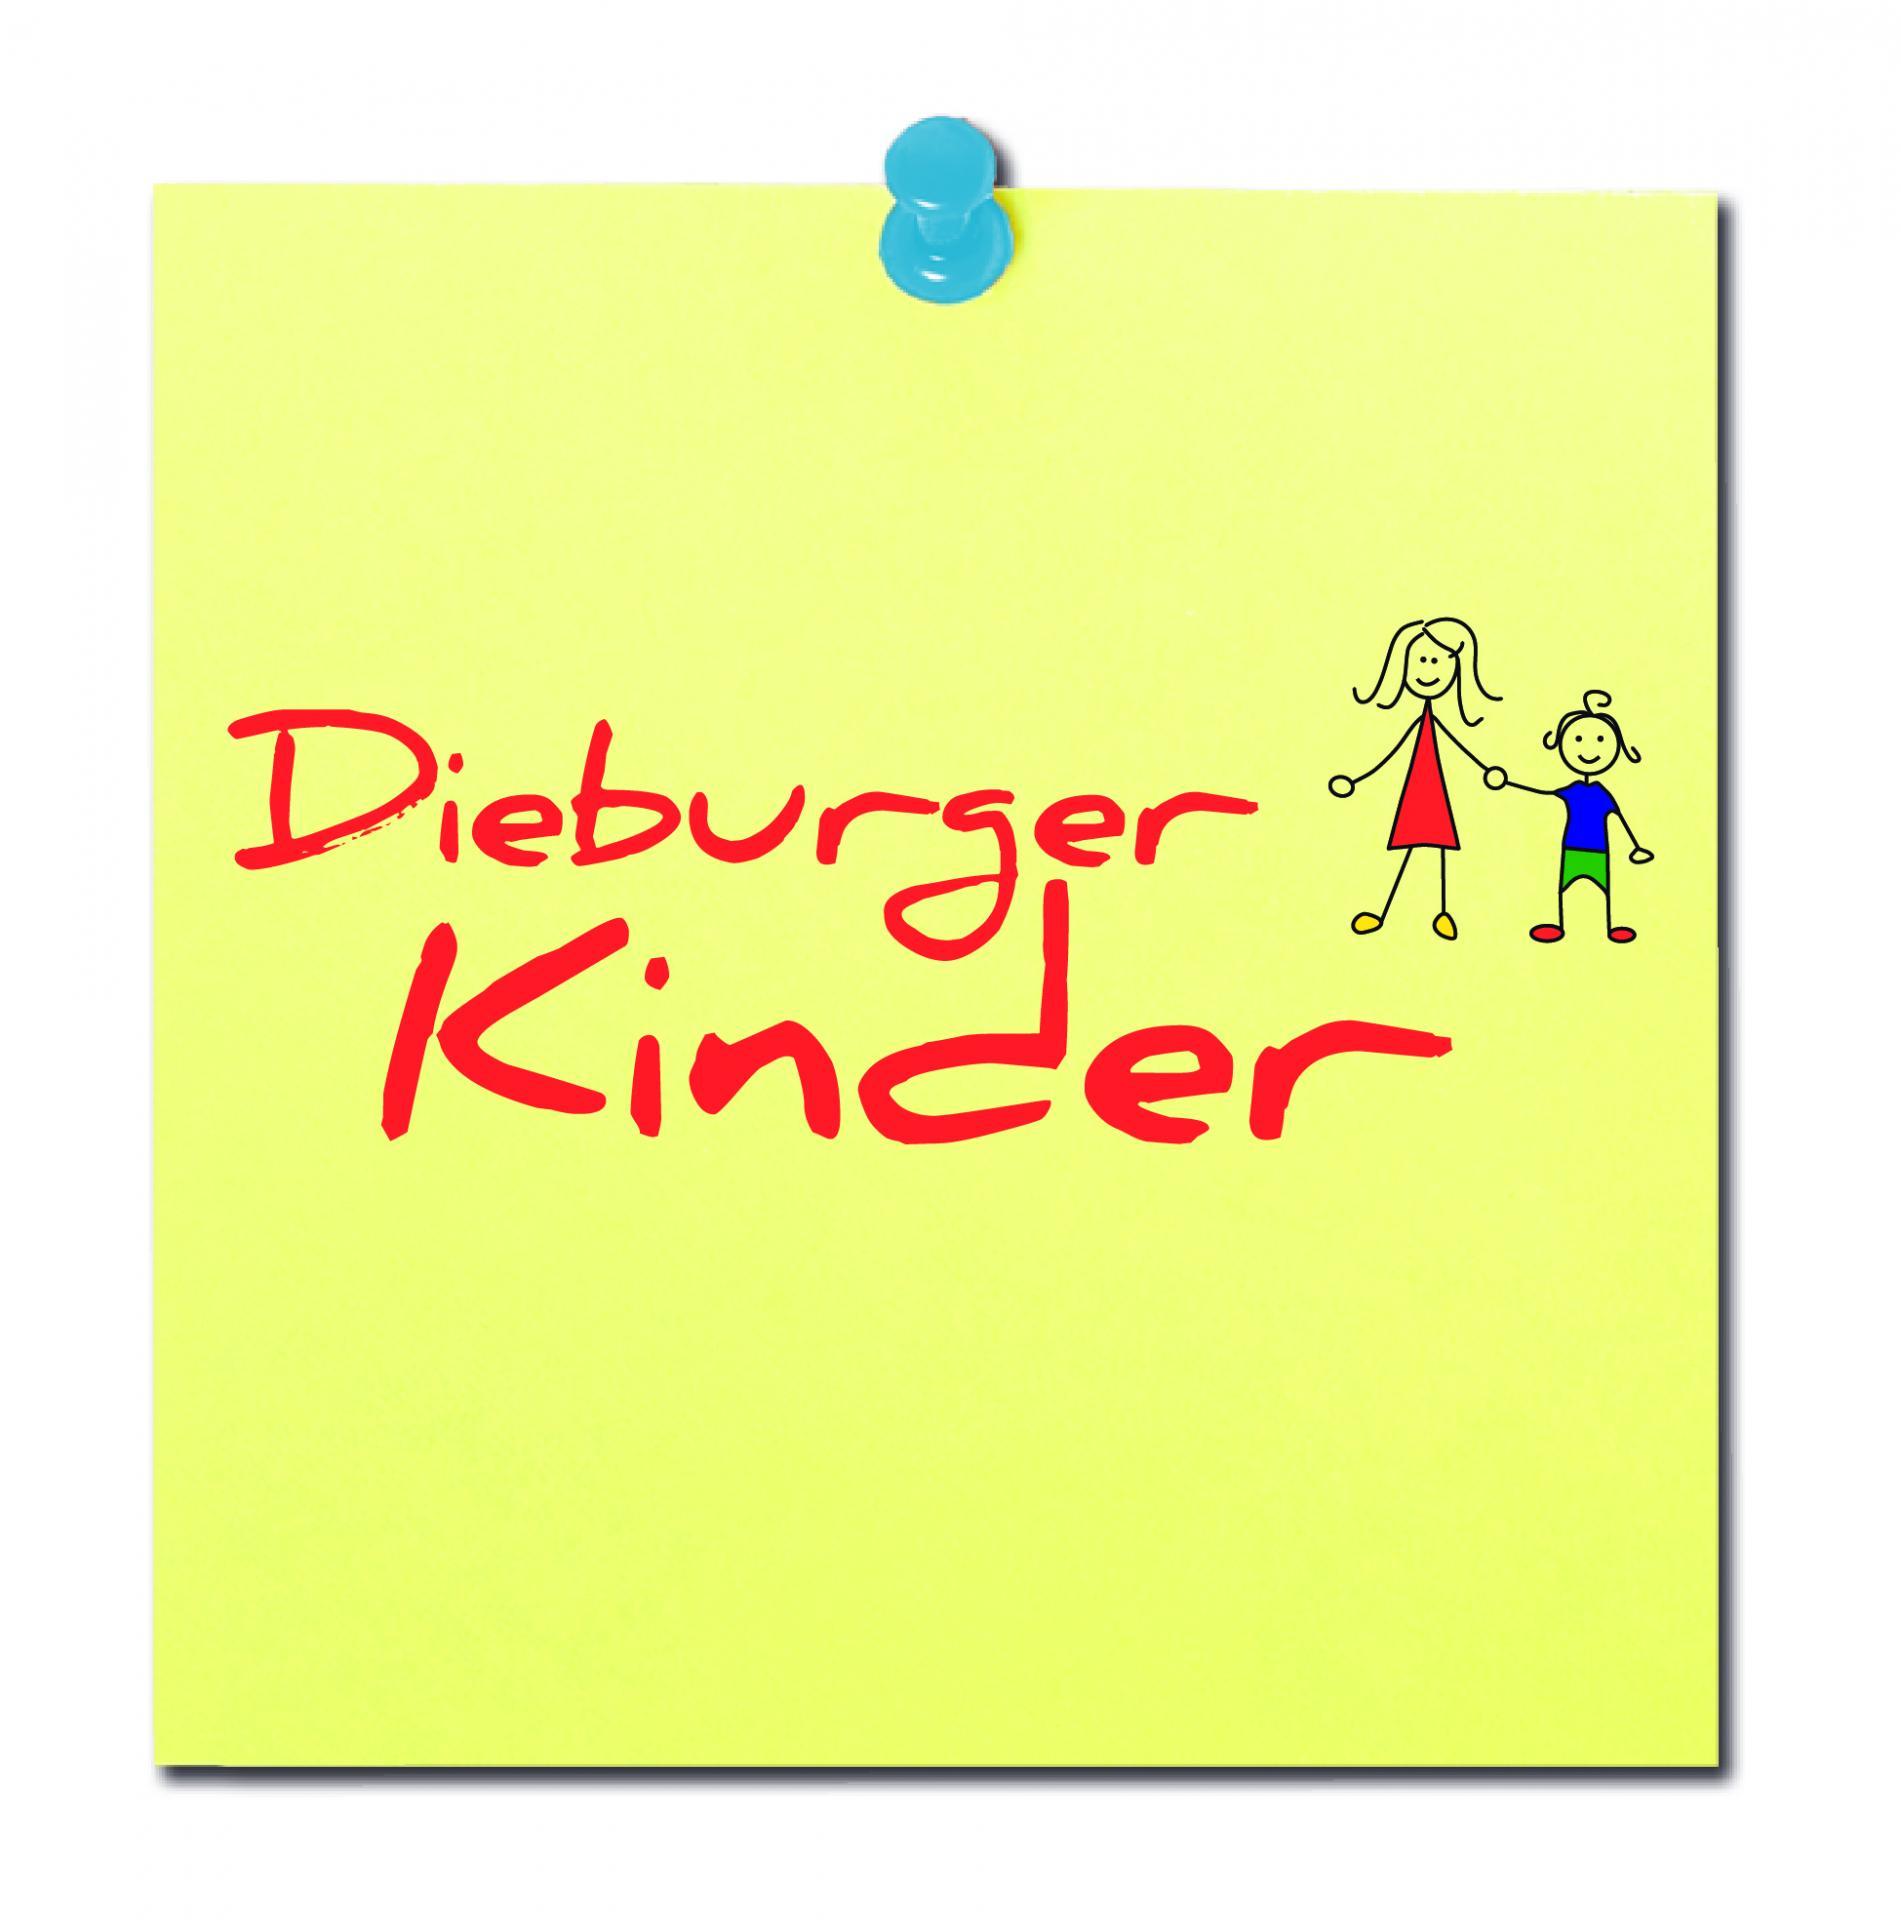 Logo der Dieburger Kinder